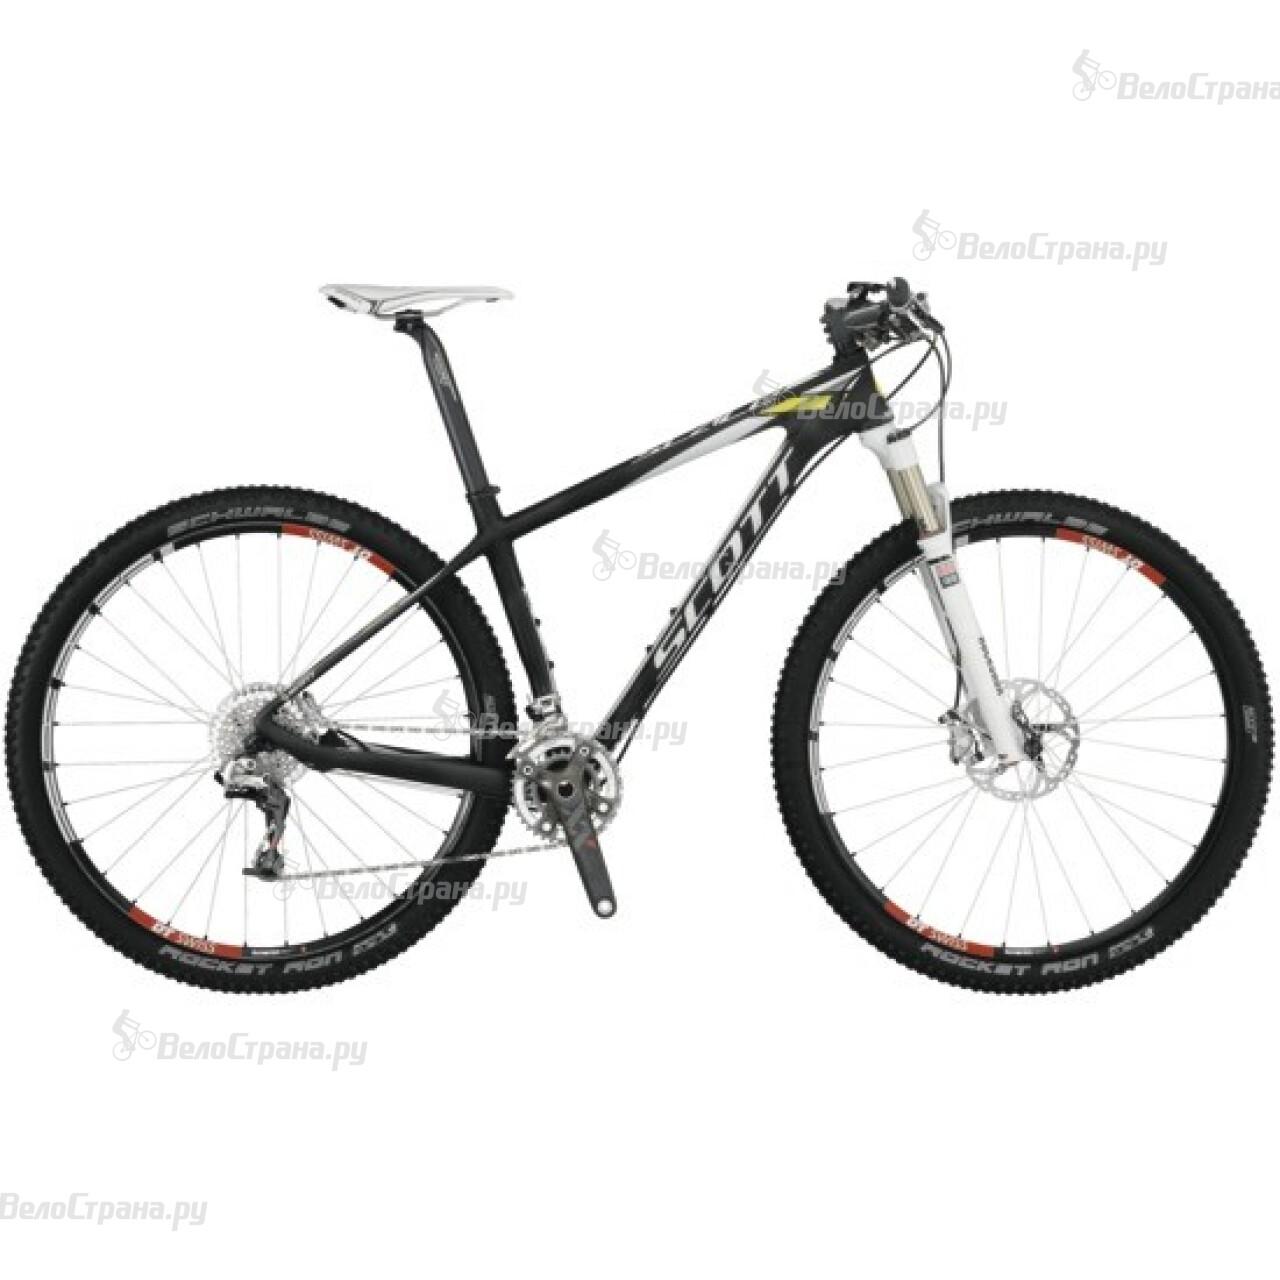 Велосипед Scott Scale 900 RC (2013)